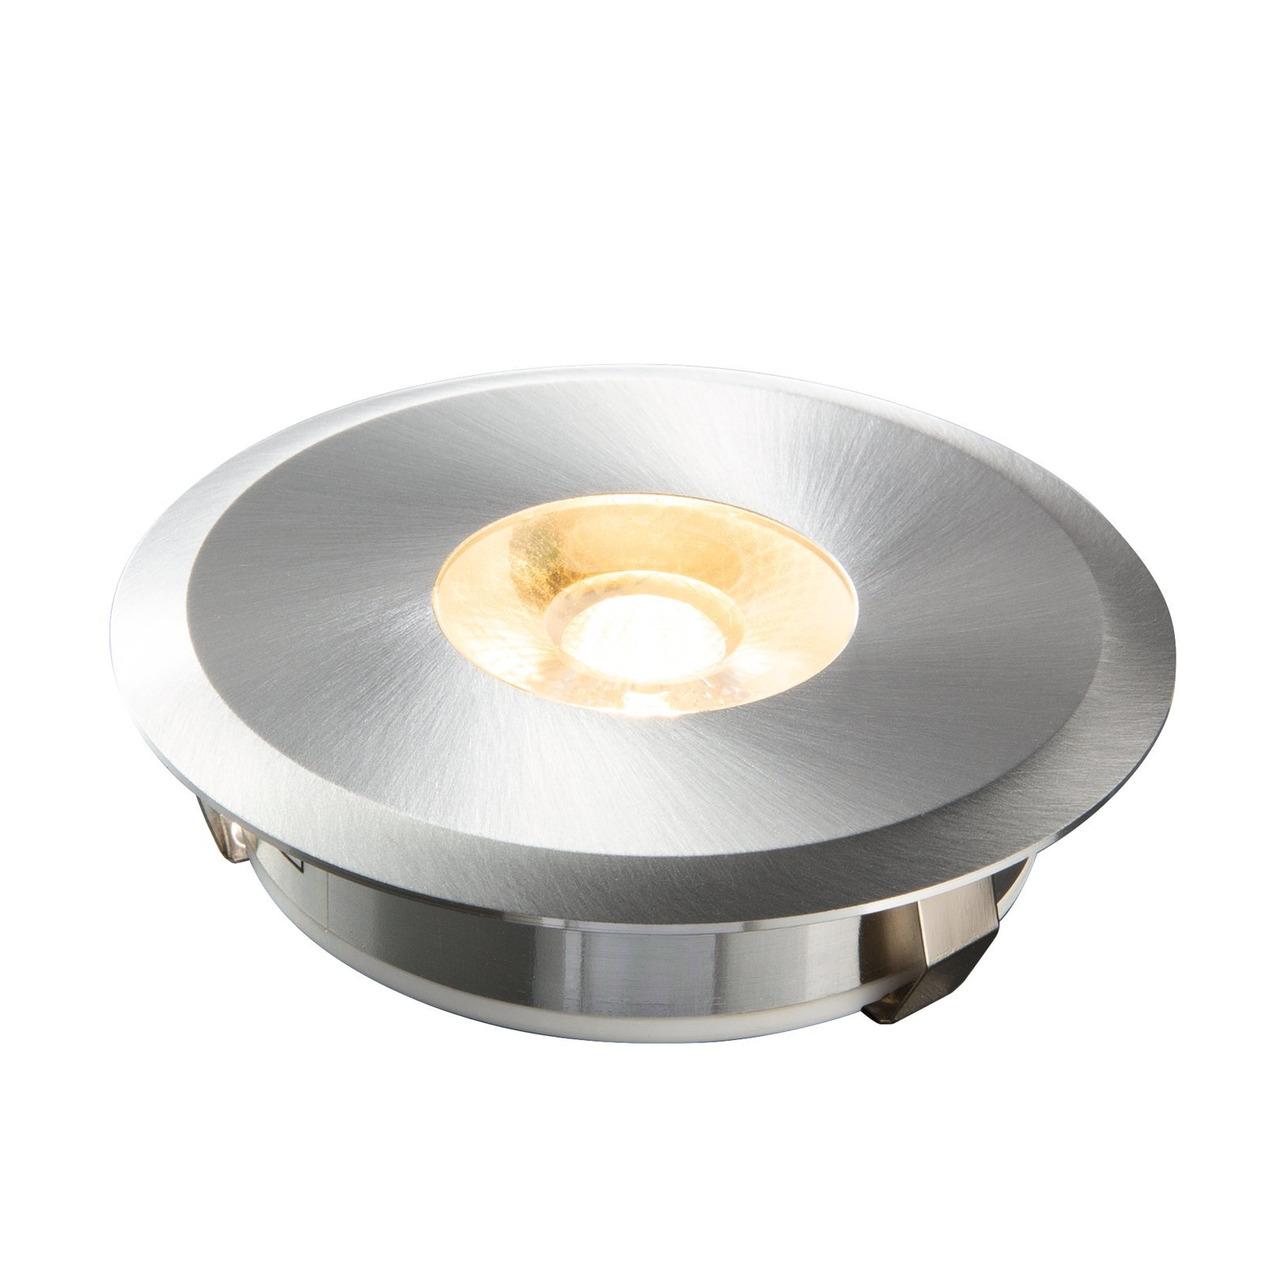 HEITRONIC 6-W-LED-Einbaustrahler AUSTIN aus gebund-252 rstetem Aluminium- rund- IP20- Einbautiefe nur 20 mm